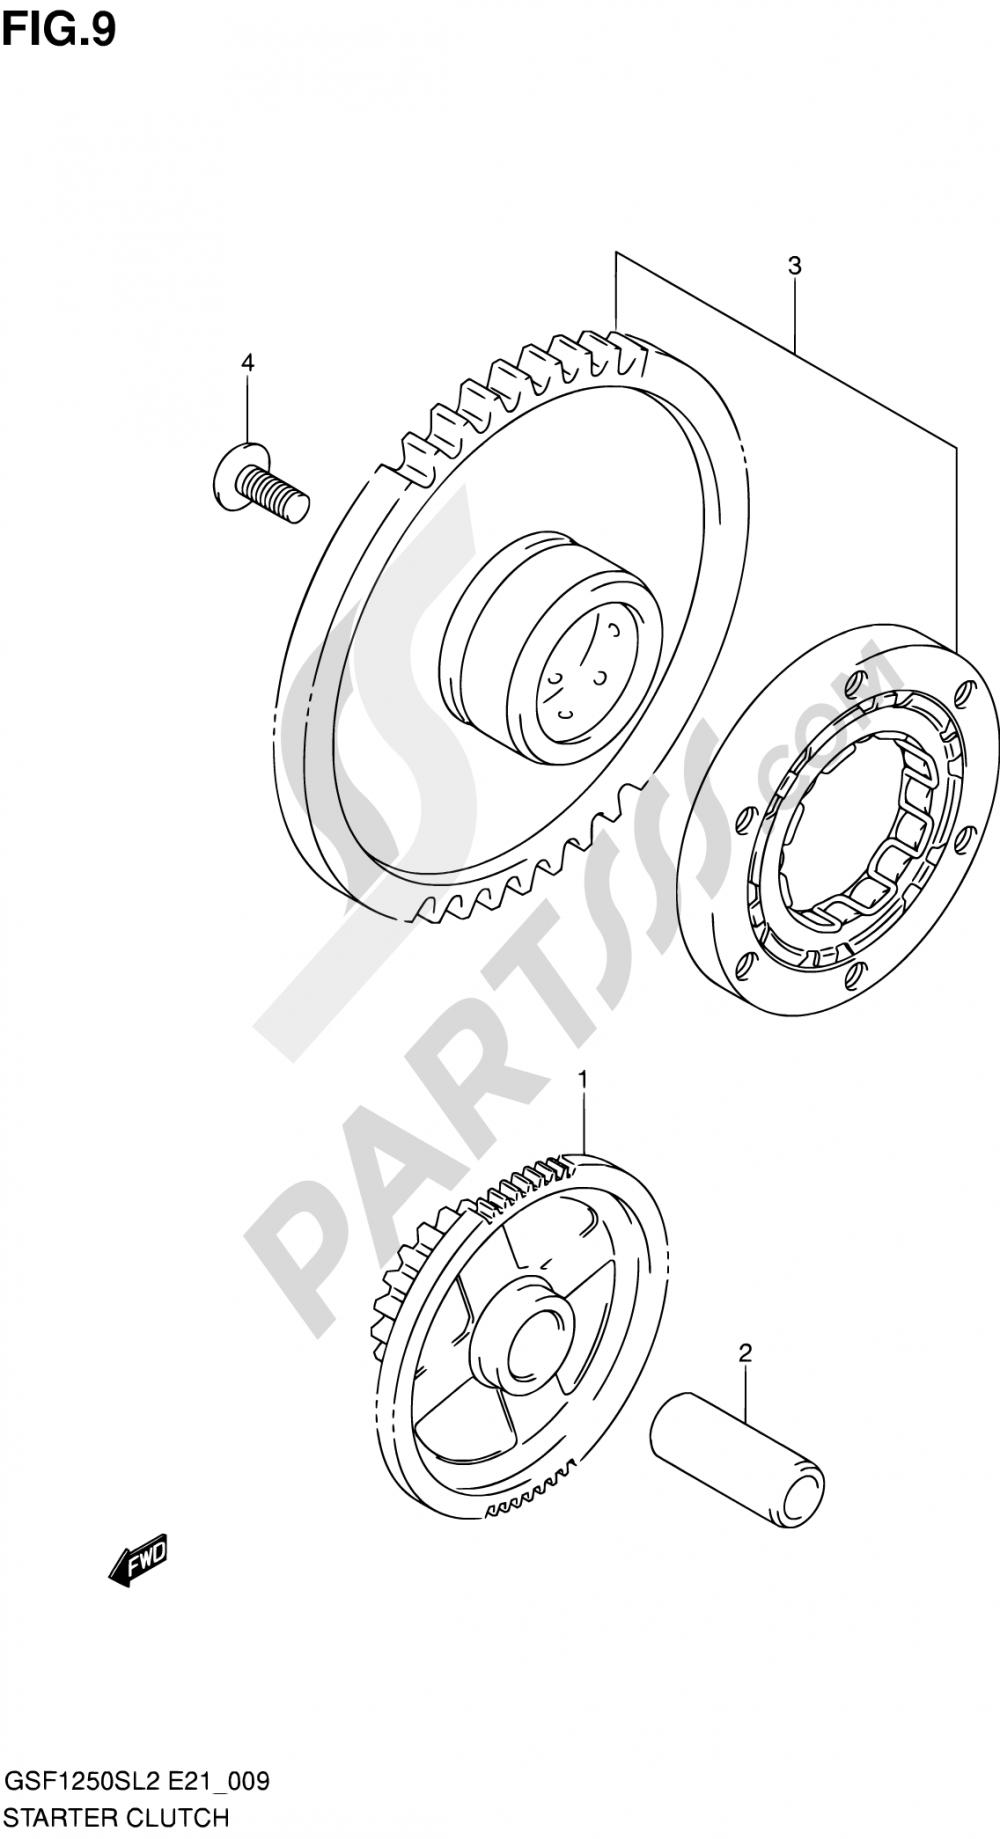 9 - STARTER CLUTCH Suzuki BANDIT GSF1250S 2012